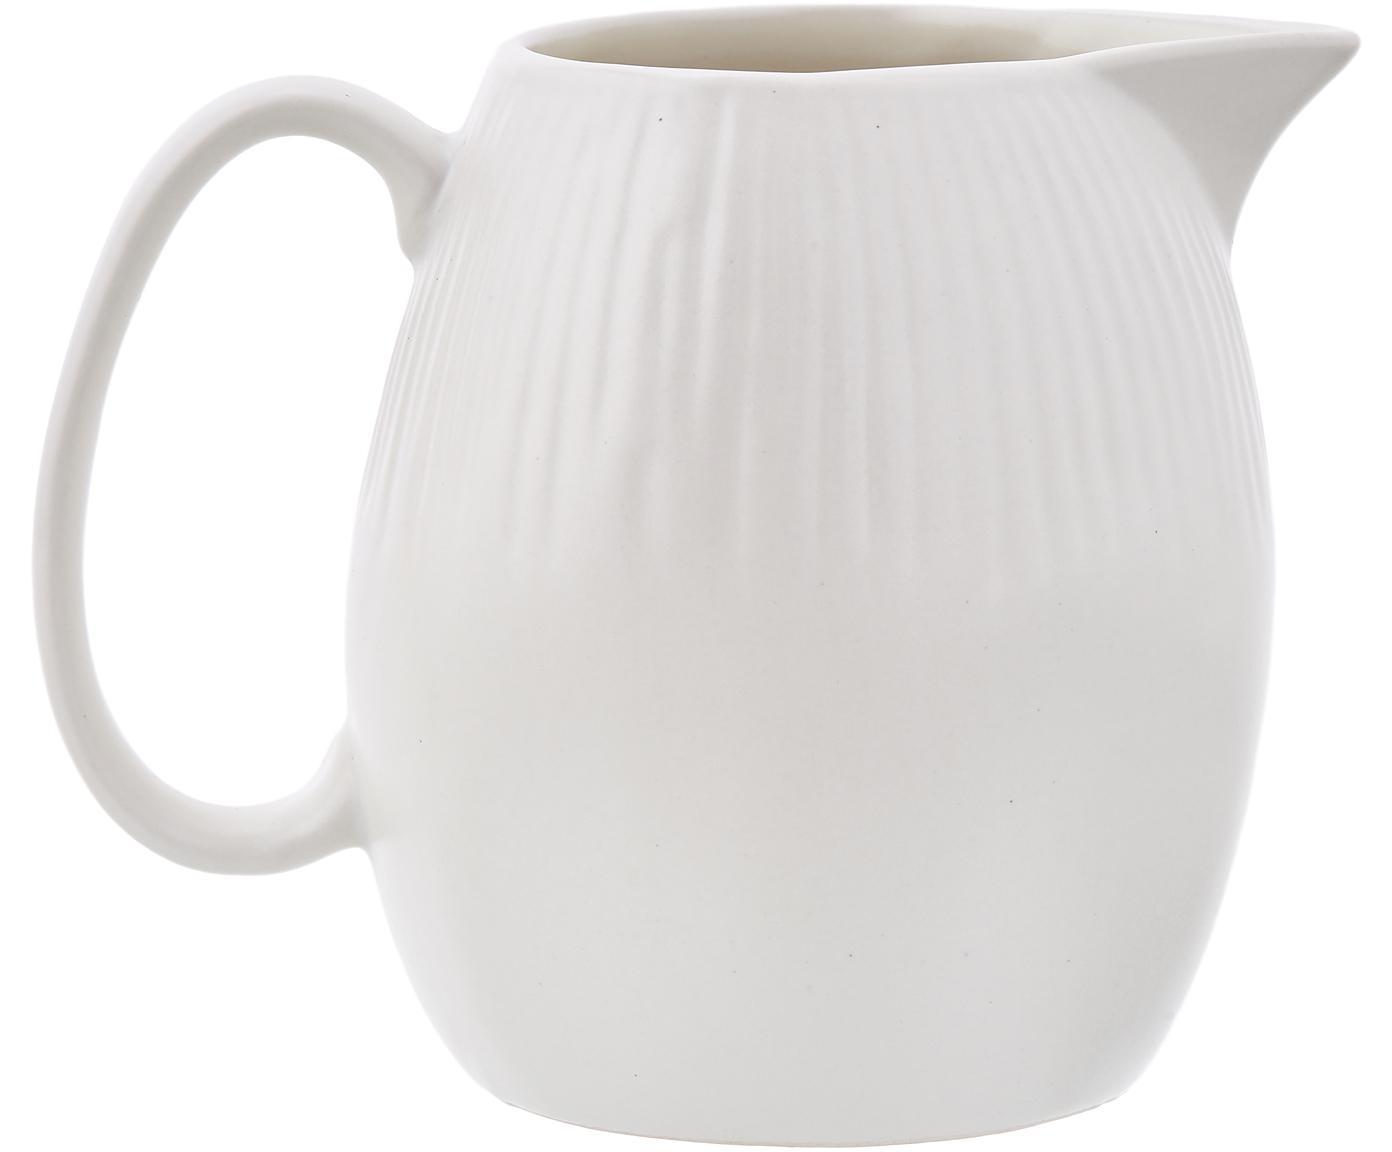 Handgemachtes Milchkännchen Sandvig mit leichtem Rillenrelief, Porzellan, durchgefärbt, Gebrochenes Weiß, Ø 8 x H 9 cm